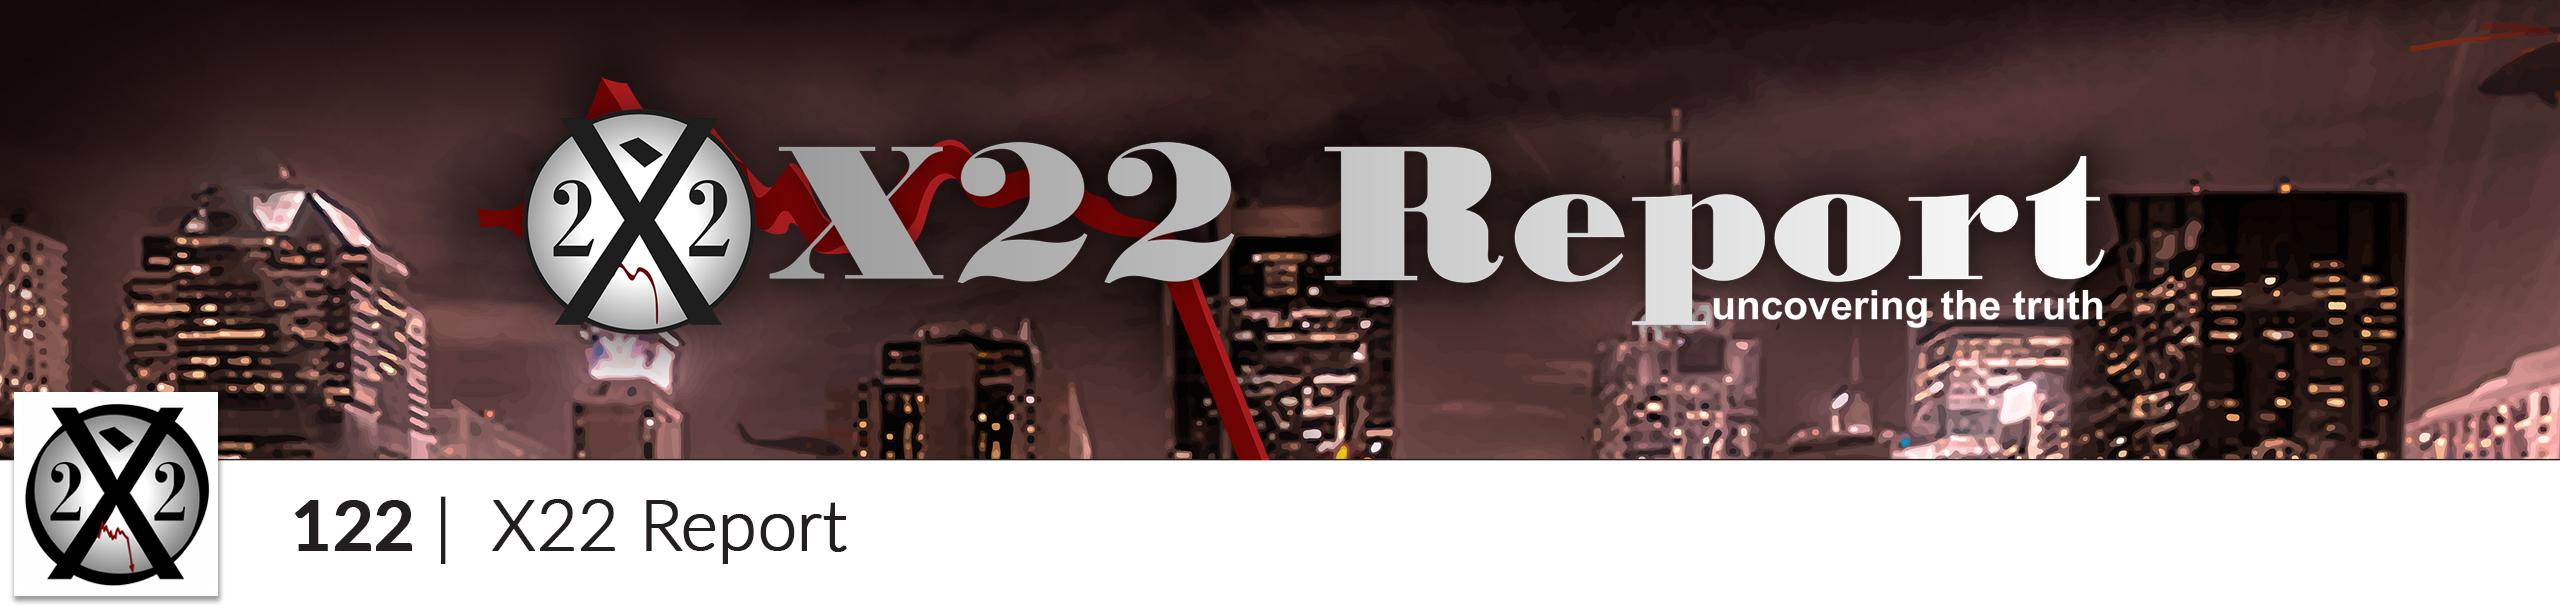 x22report-header1